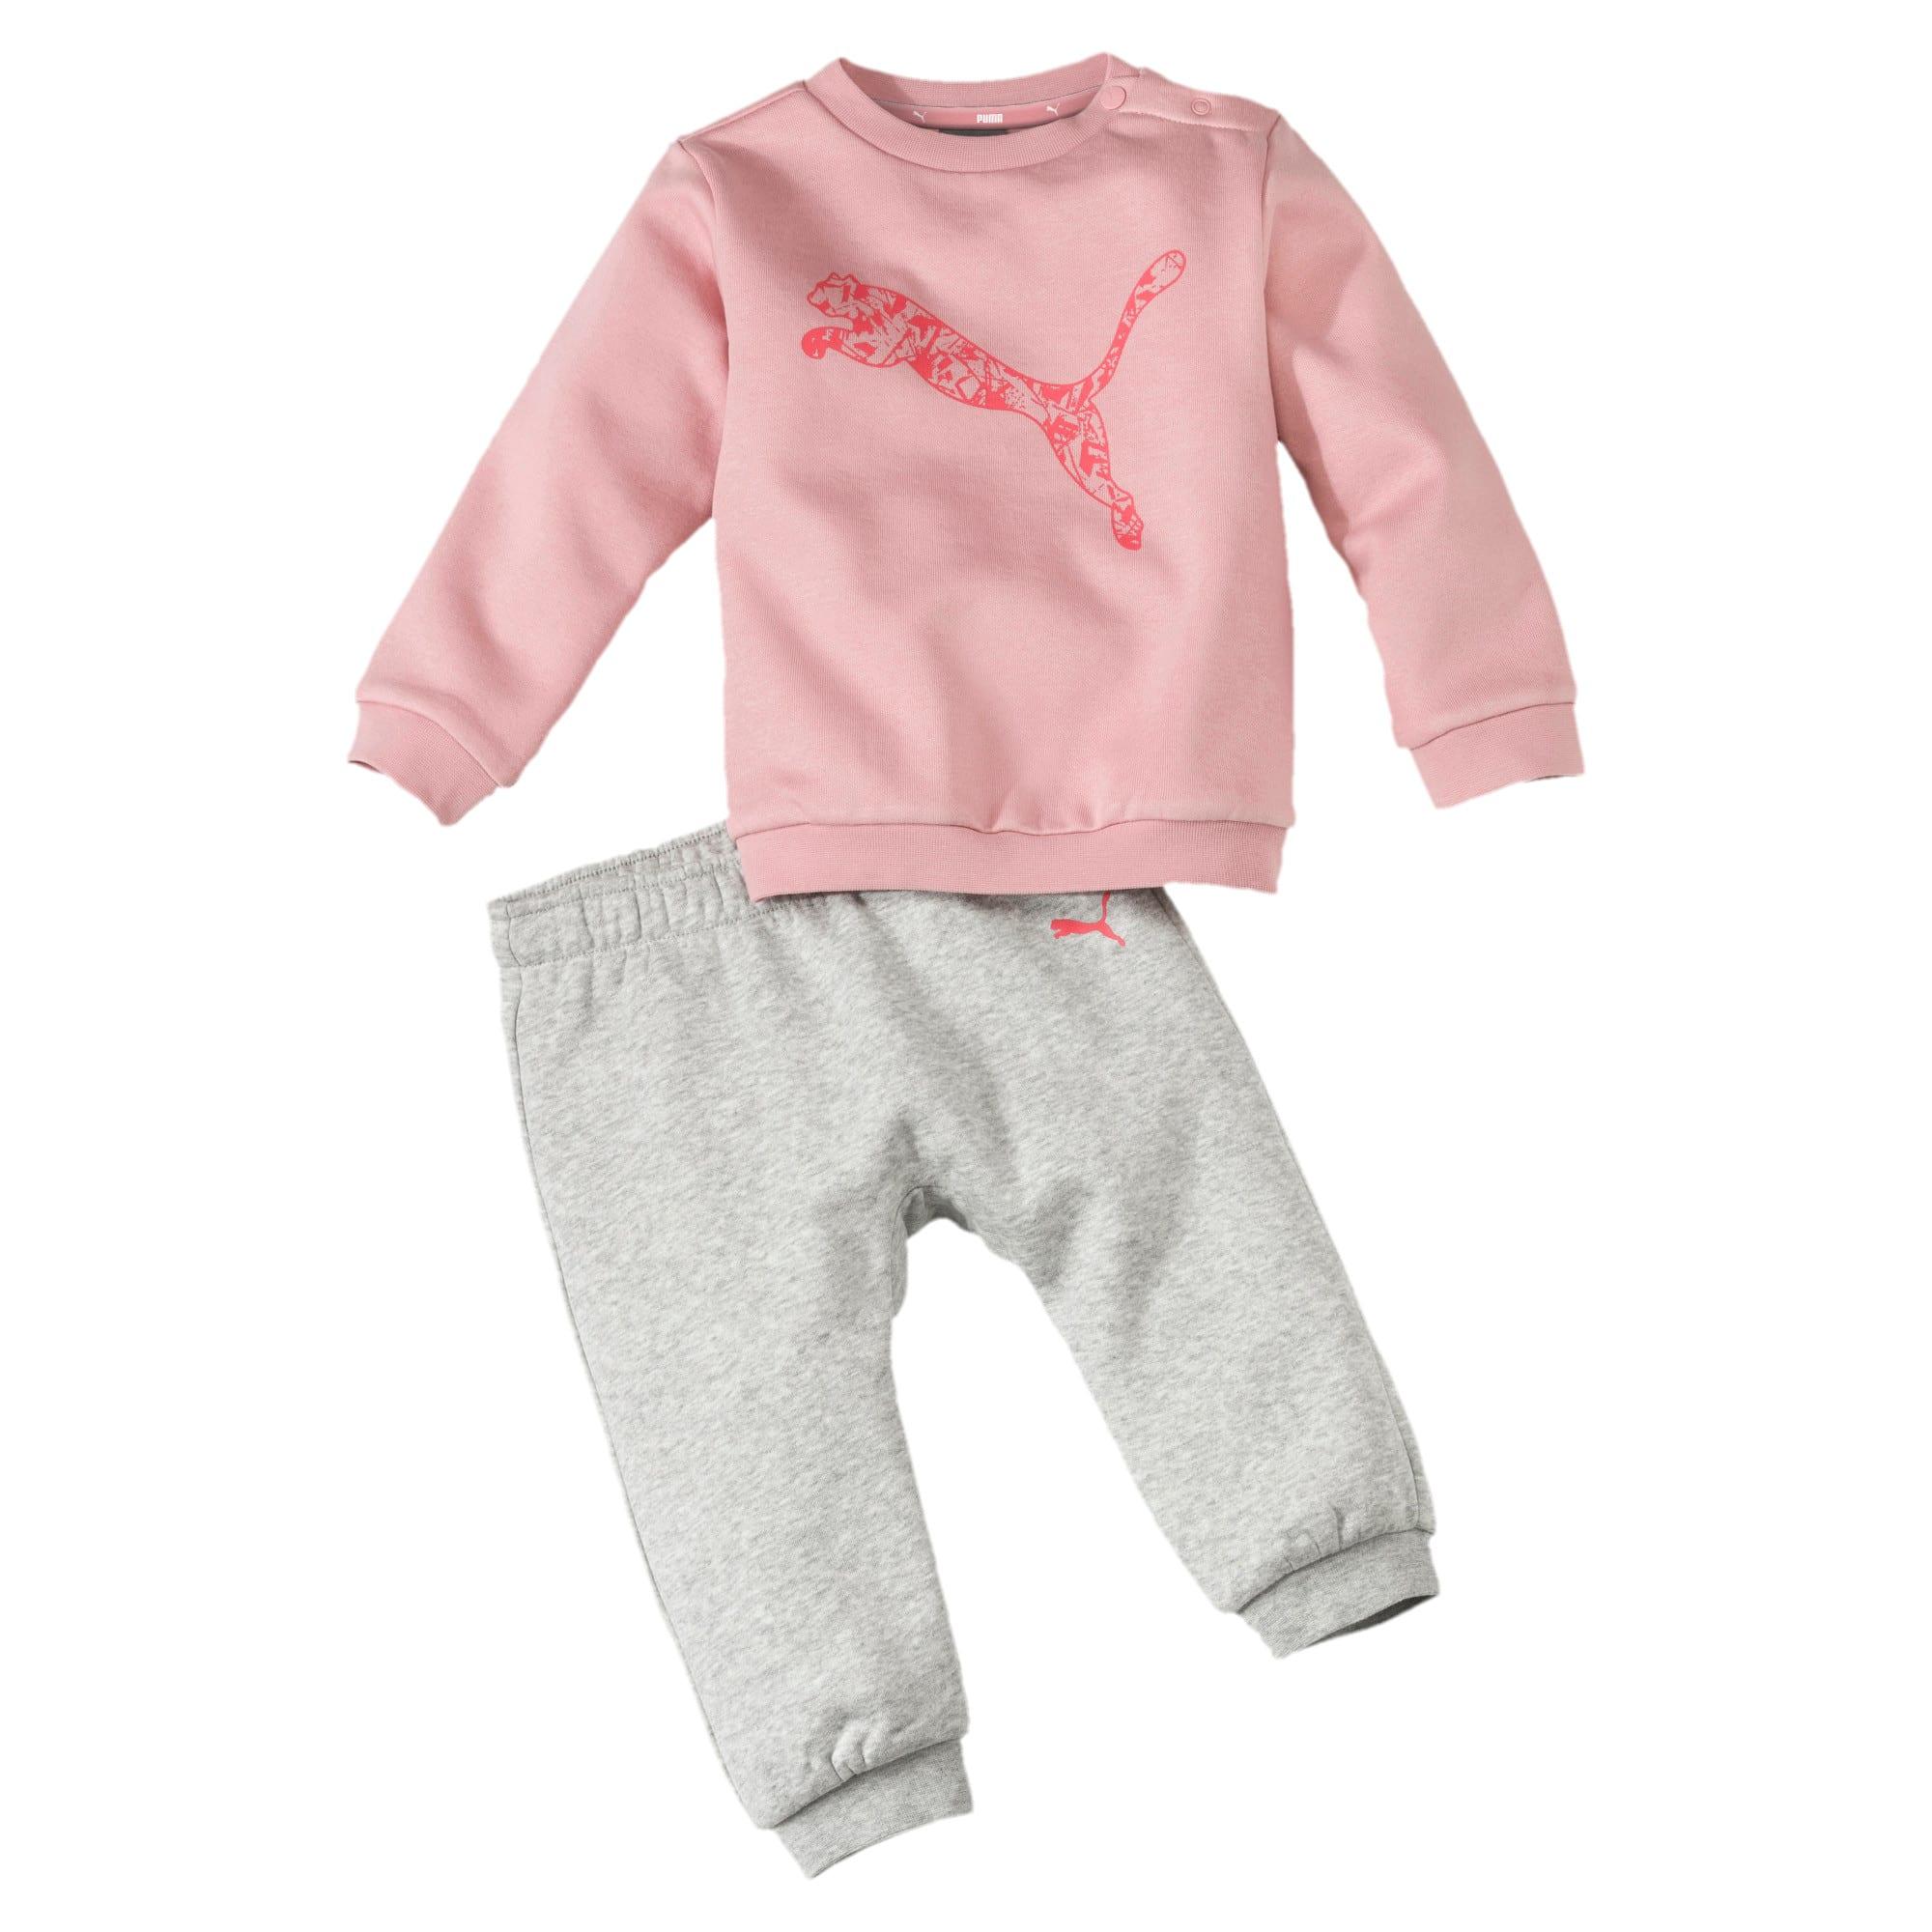 Minicats Babies' Jogger Set, Roze, Maat 86 | PUMA